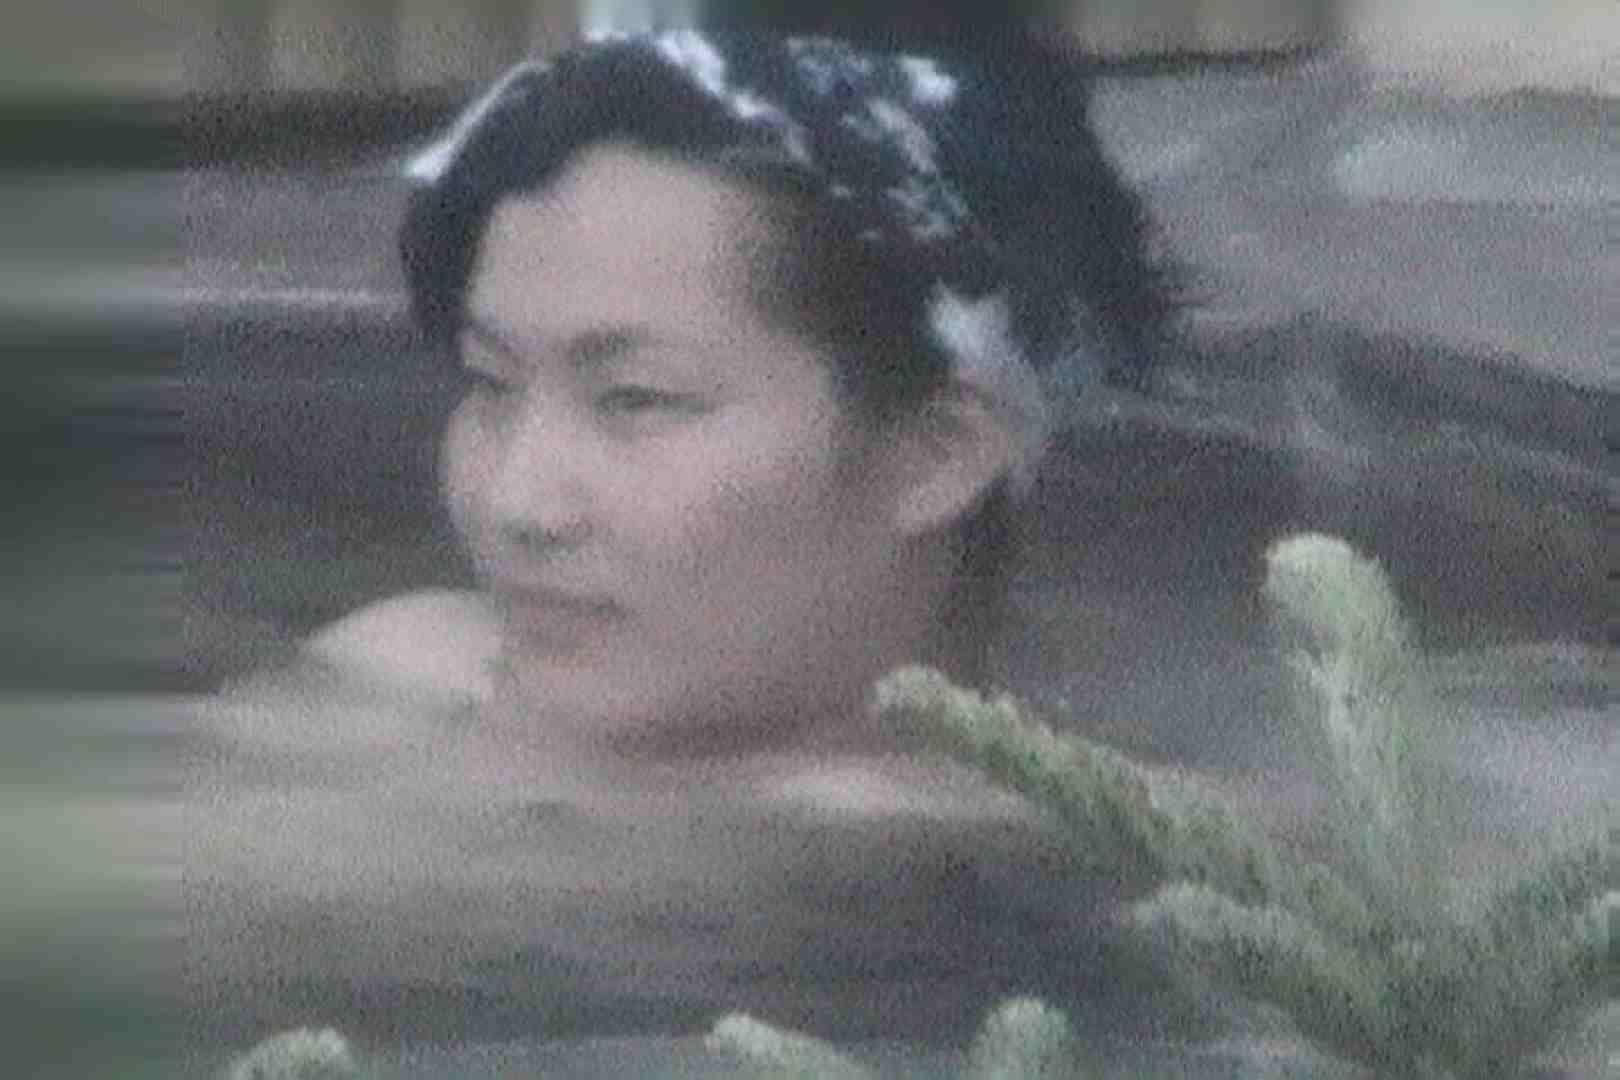 Aquaな露天風呂Vol.103 露天 オメコ動画キャプチャ 71連発 14